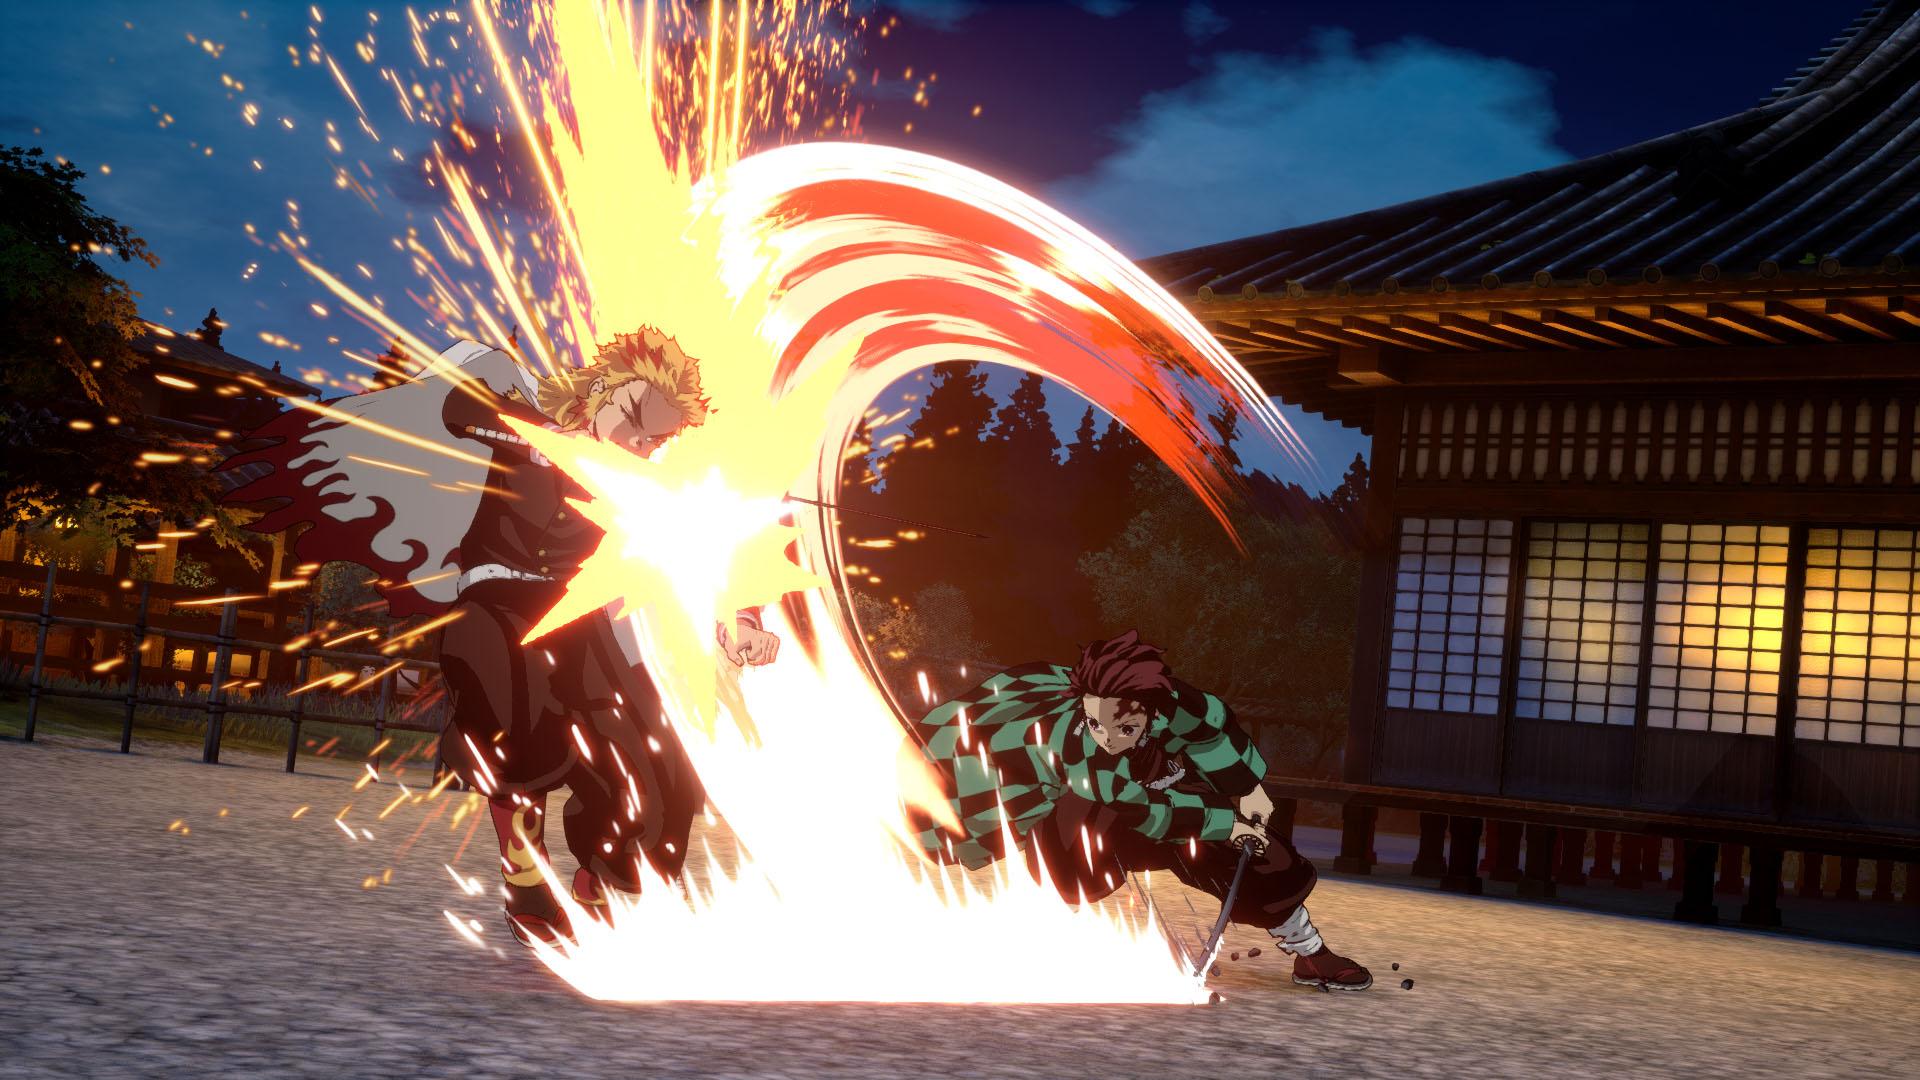 Kimetsu no Yaiba 2452021 2